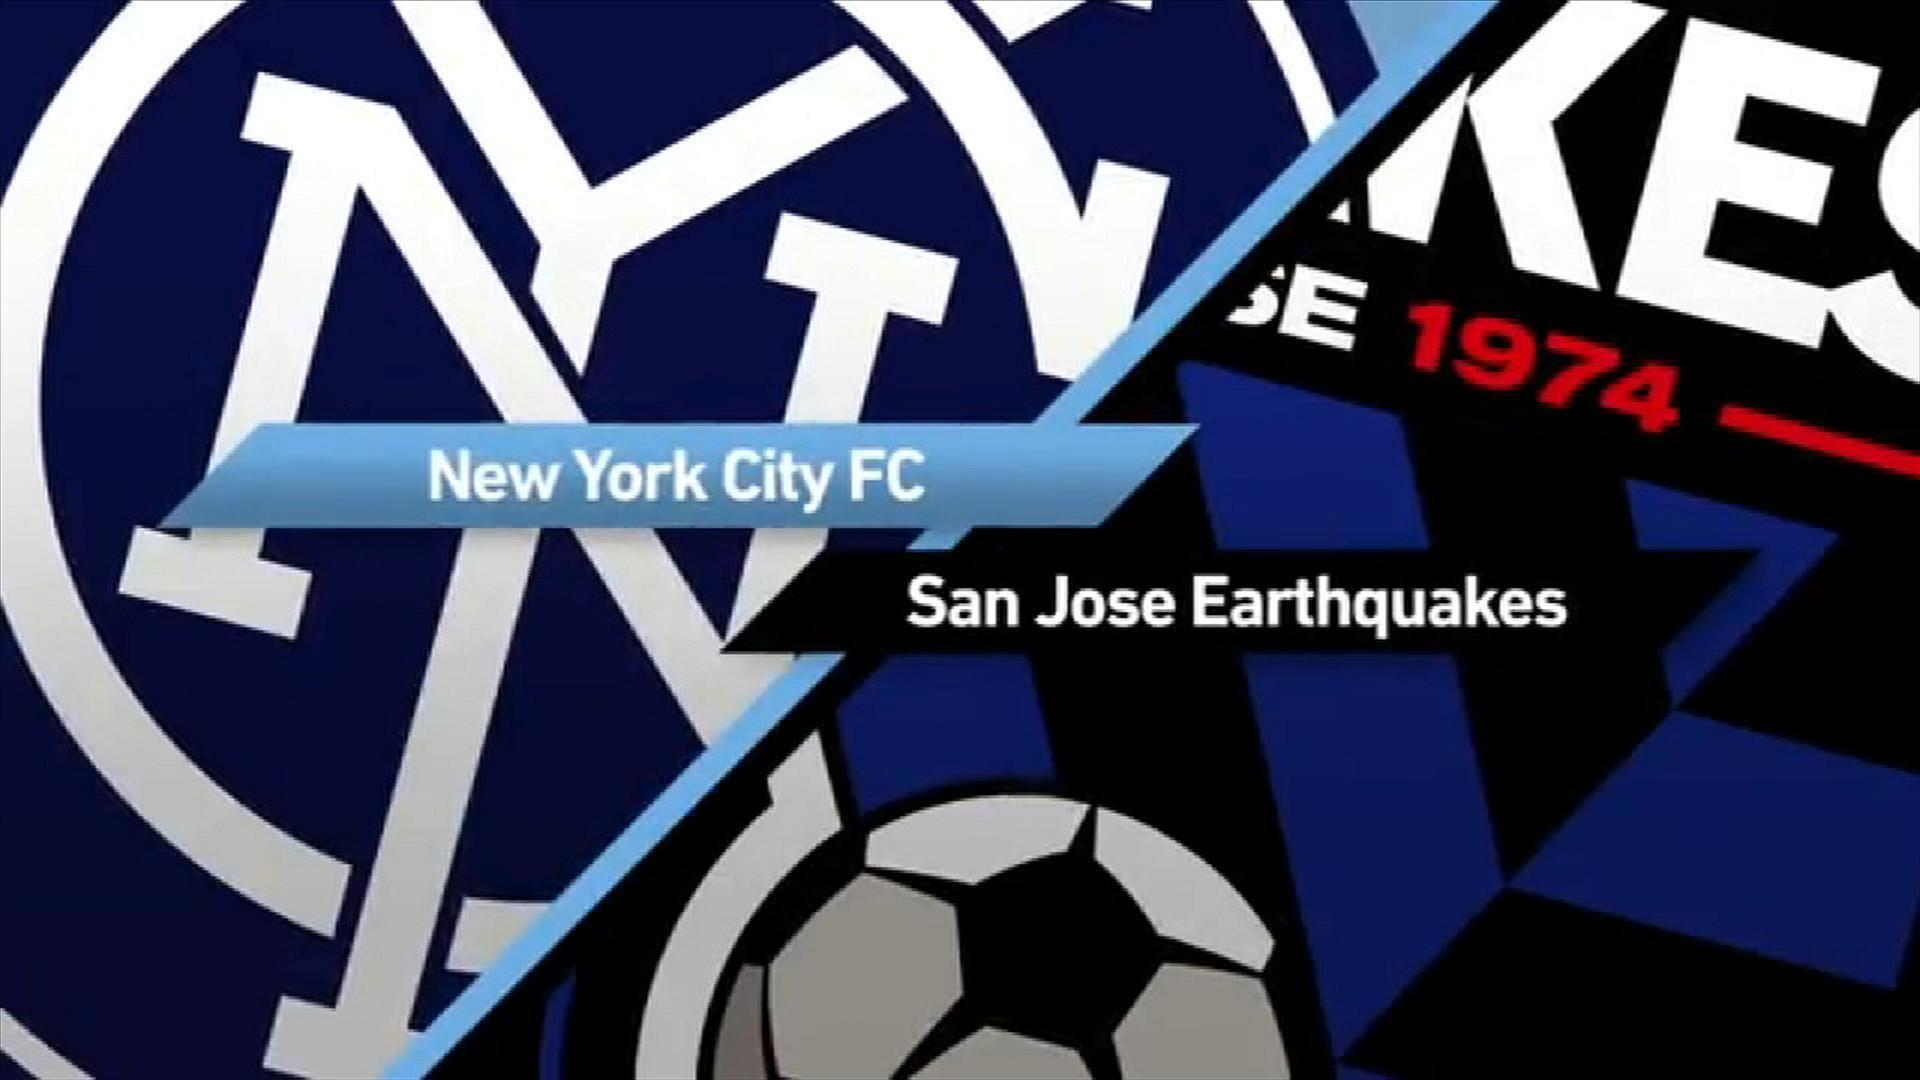 NYCFC 2-1 SJ Earthquakes - Via MLS